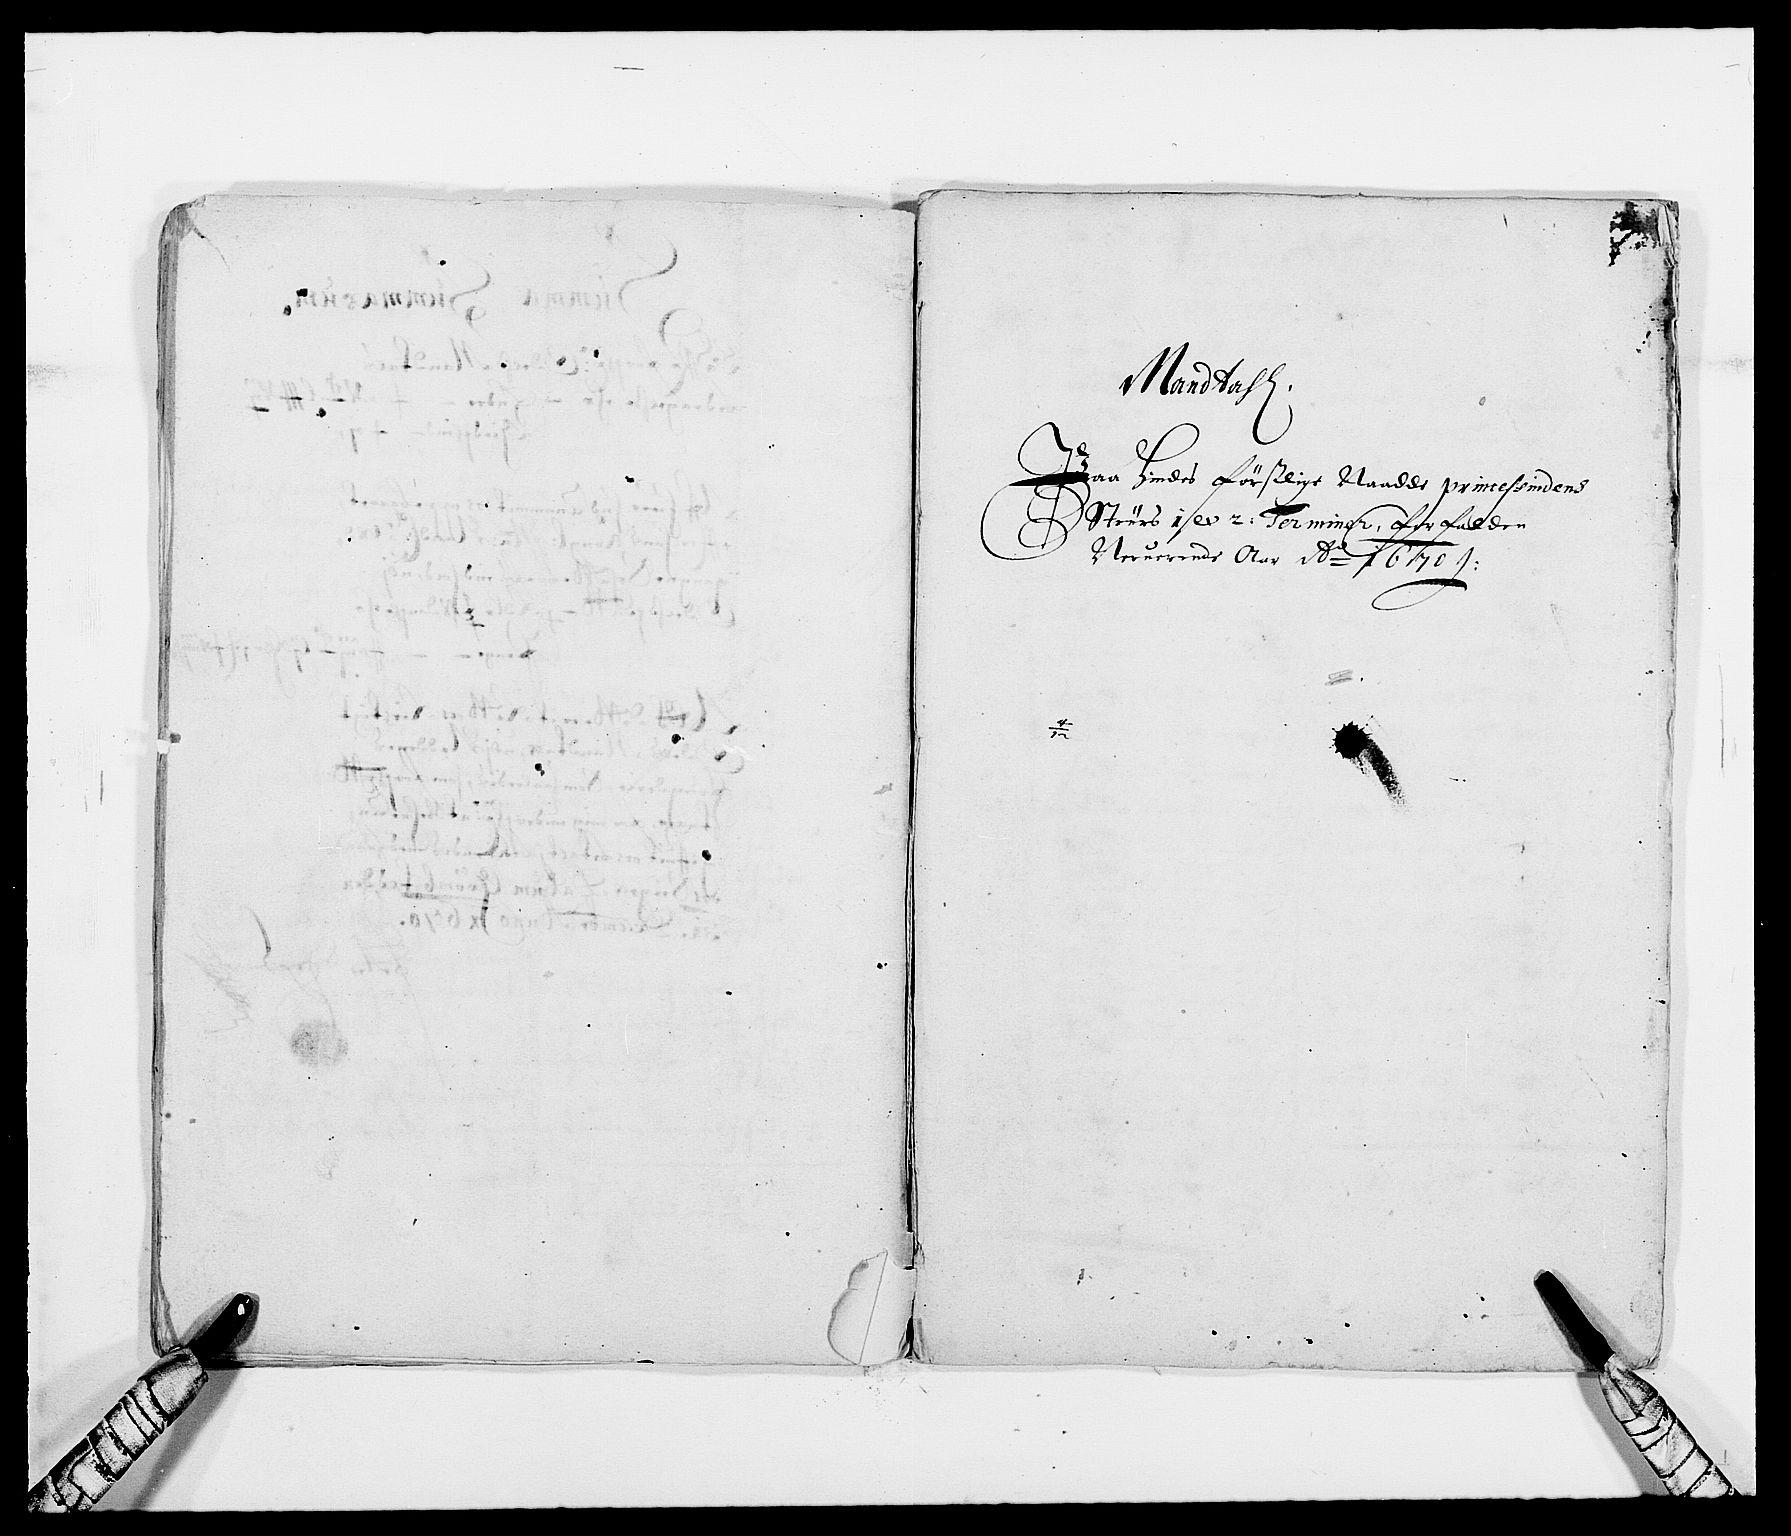 RA, Rentekammeret inntil 1814, Reviderte regnskaper, Fogderegnskap, R39/L2299: Fogderegnskap Nedenes, 1670-1671, s. 140